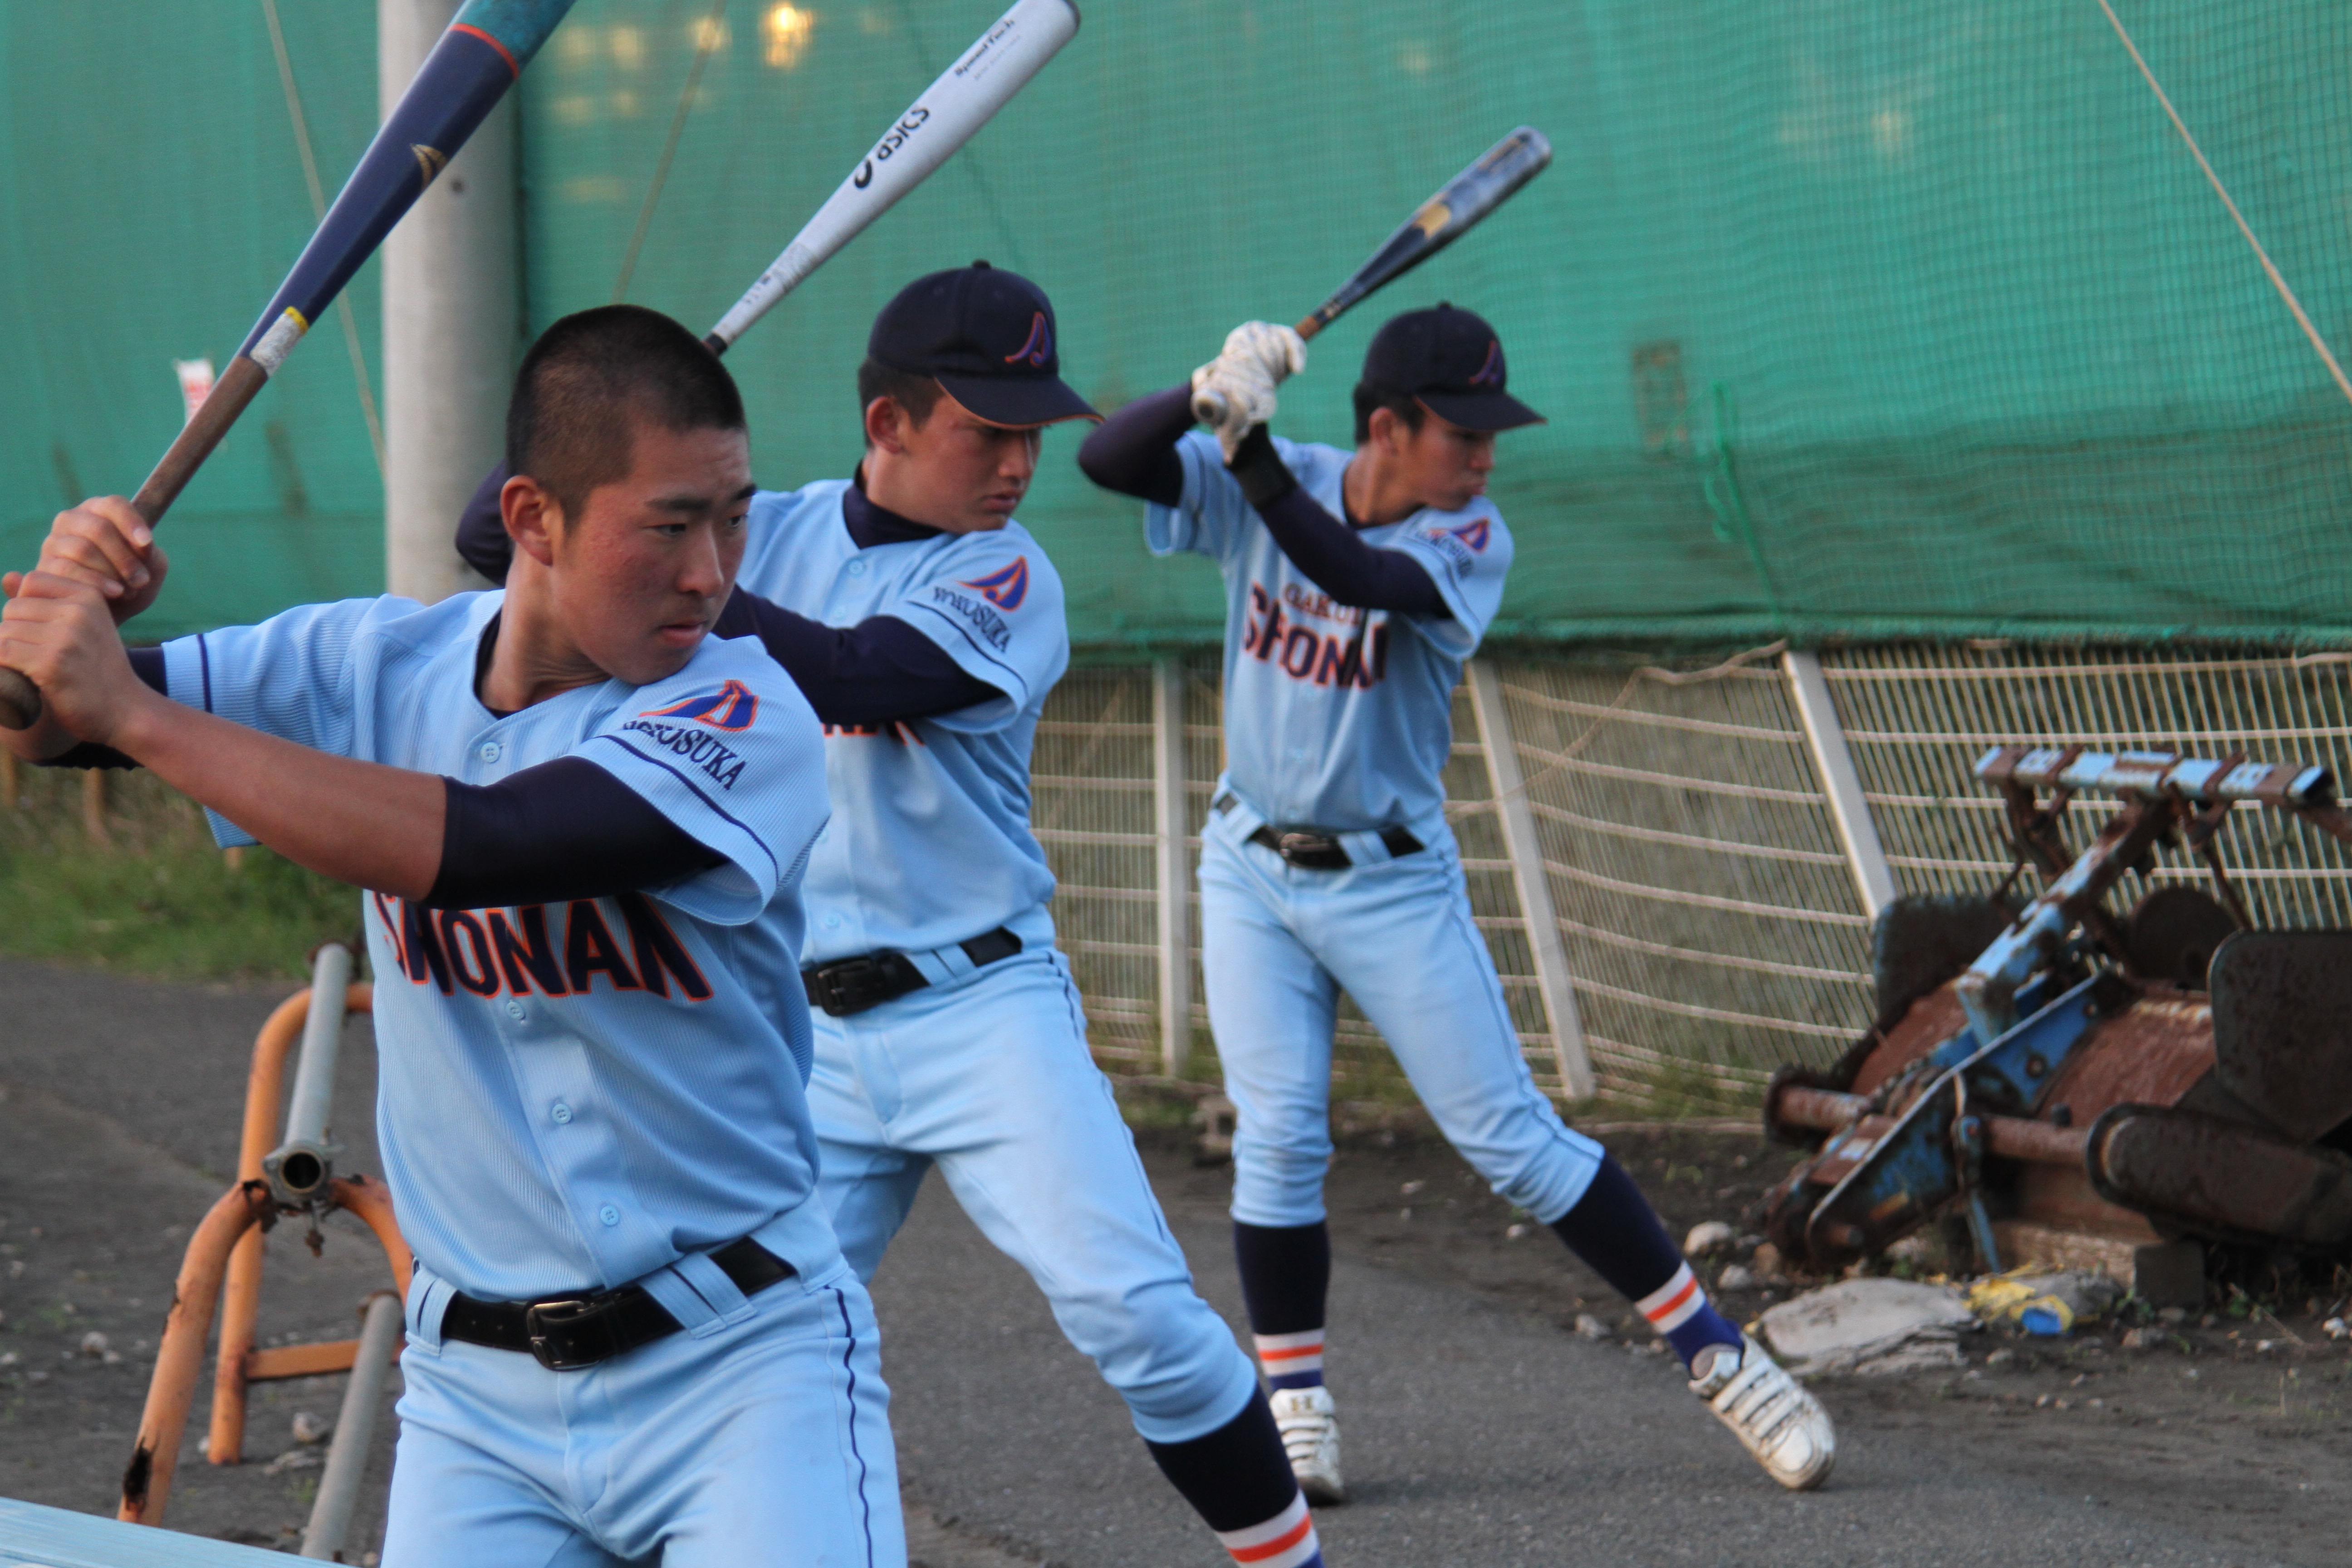 【湘南学院 野球部】徹底したシンプルな素振り